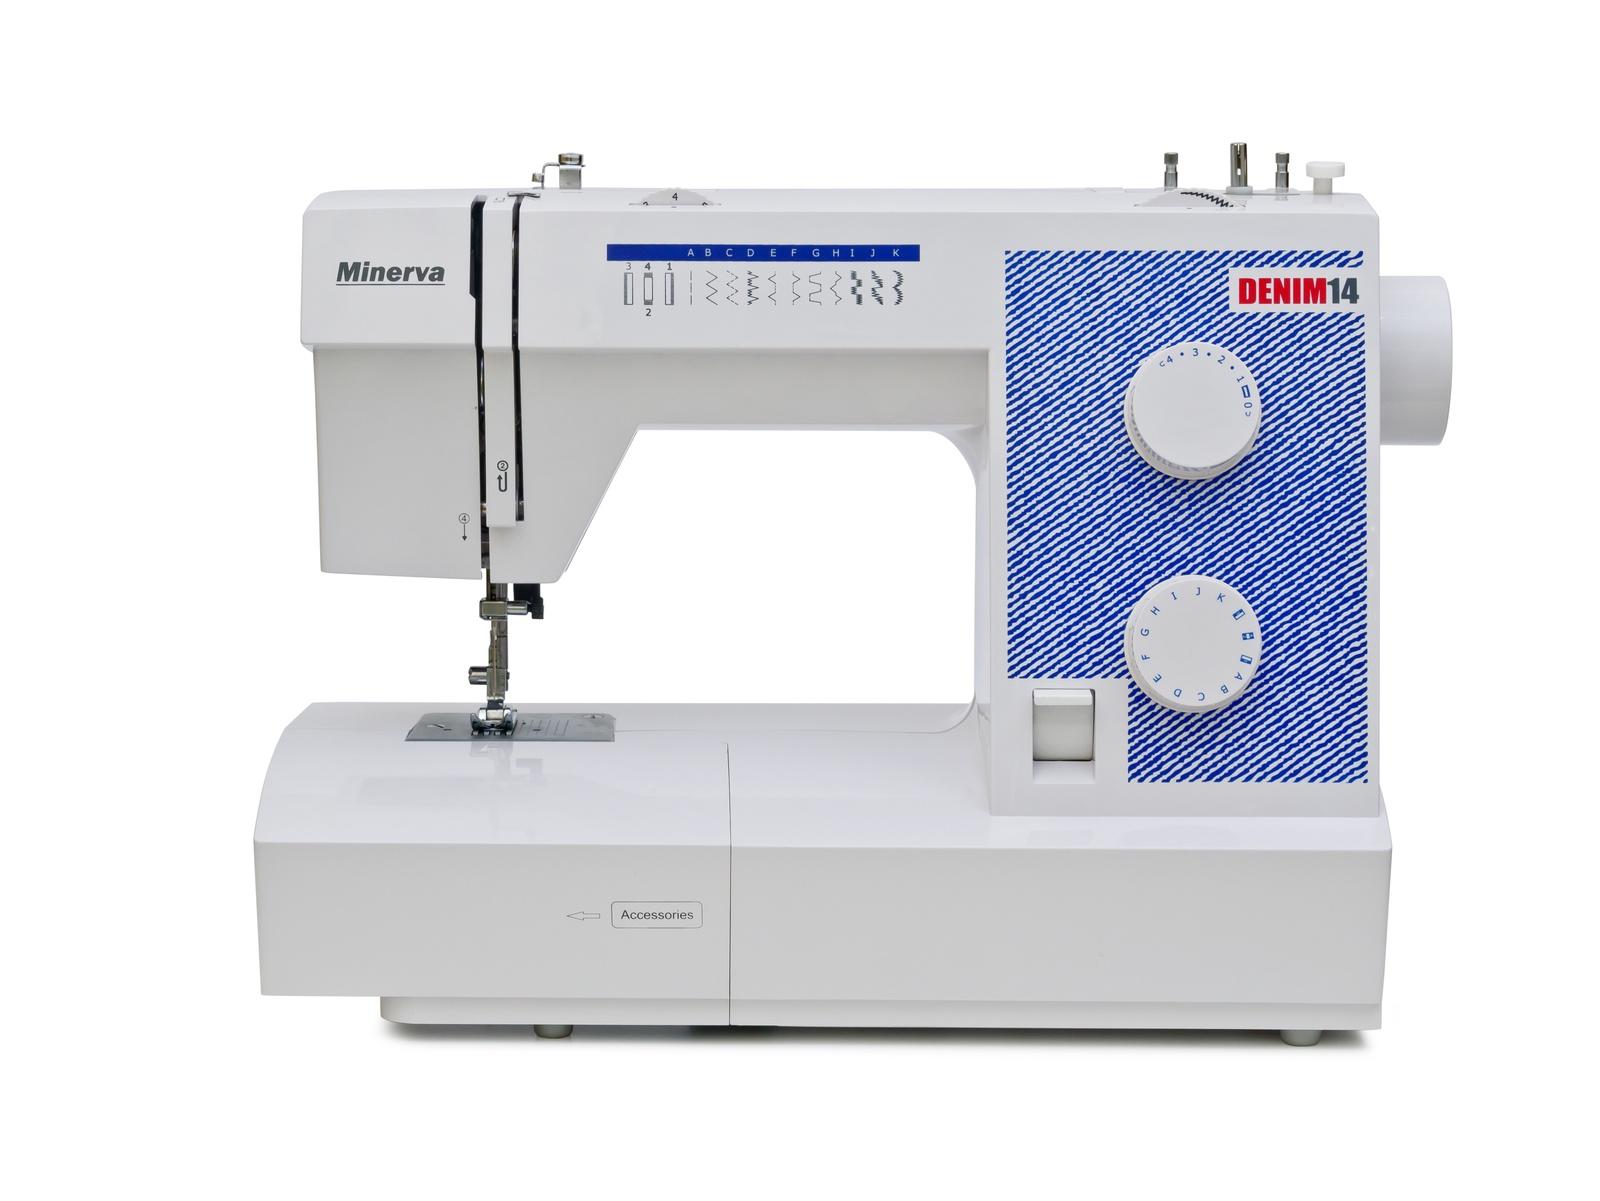 Швейная машина Minerva M-DEN14, белый, синийM-DEN14Тип: ЭлектромеханическаяКоличество операций: 14. Тип тканей: Разные типы тканейПетля: ПолуавтоматЧелнок: ВертикальныйДлинна стежка: 4,5 - 5 ммШирина стежка: 5 ммСкорость шитья: 650 об/мин Строчки:- рабочие строчки- трикотажные строчки- потайной шов- отделочные строчкиДополнительные функции: -Автоматическая намотка шпульки-Металлическая станина-Возможность шитья двойной иглой-Удобный диск выбора строчек-Регулятор натяжения верхней нити -Светодиодная подсветка-Рычаг обратного хода (Реверс)-Замена прижимной лапки за одно нажатие-Сантиметровая линейка на корпусе машины-Обрезчик нити-Ручка для переноса машины-Свободный рукав (для обработки низа рукавов, брюк)-Отсек для хранения аксессуаровКомплектация: -Универсальная лапка-Лапка для вшивания молнии-Лапка для петли-Лапка для потайной строчки-Мощность: 85 ВтСтрана производства: Китай